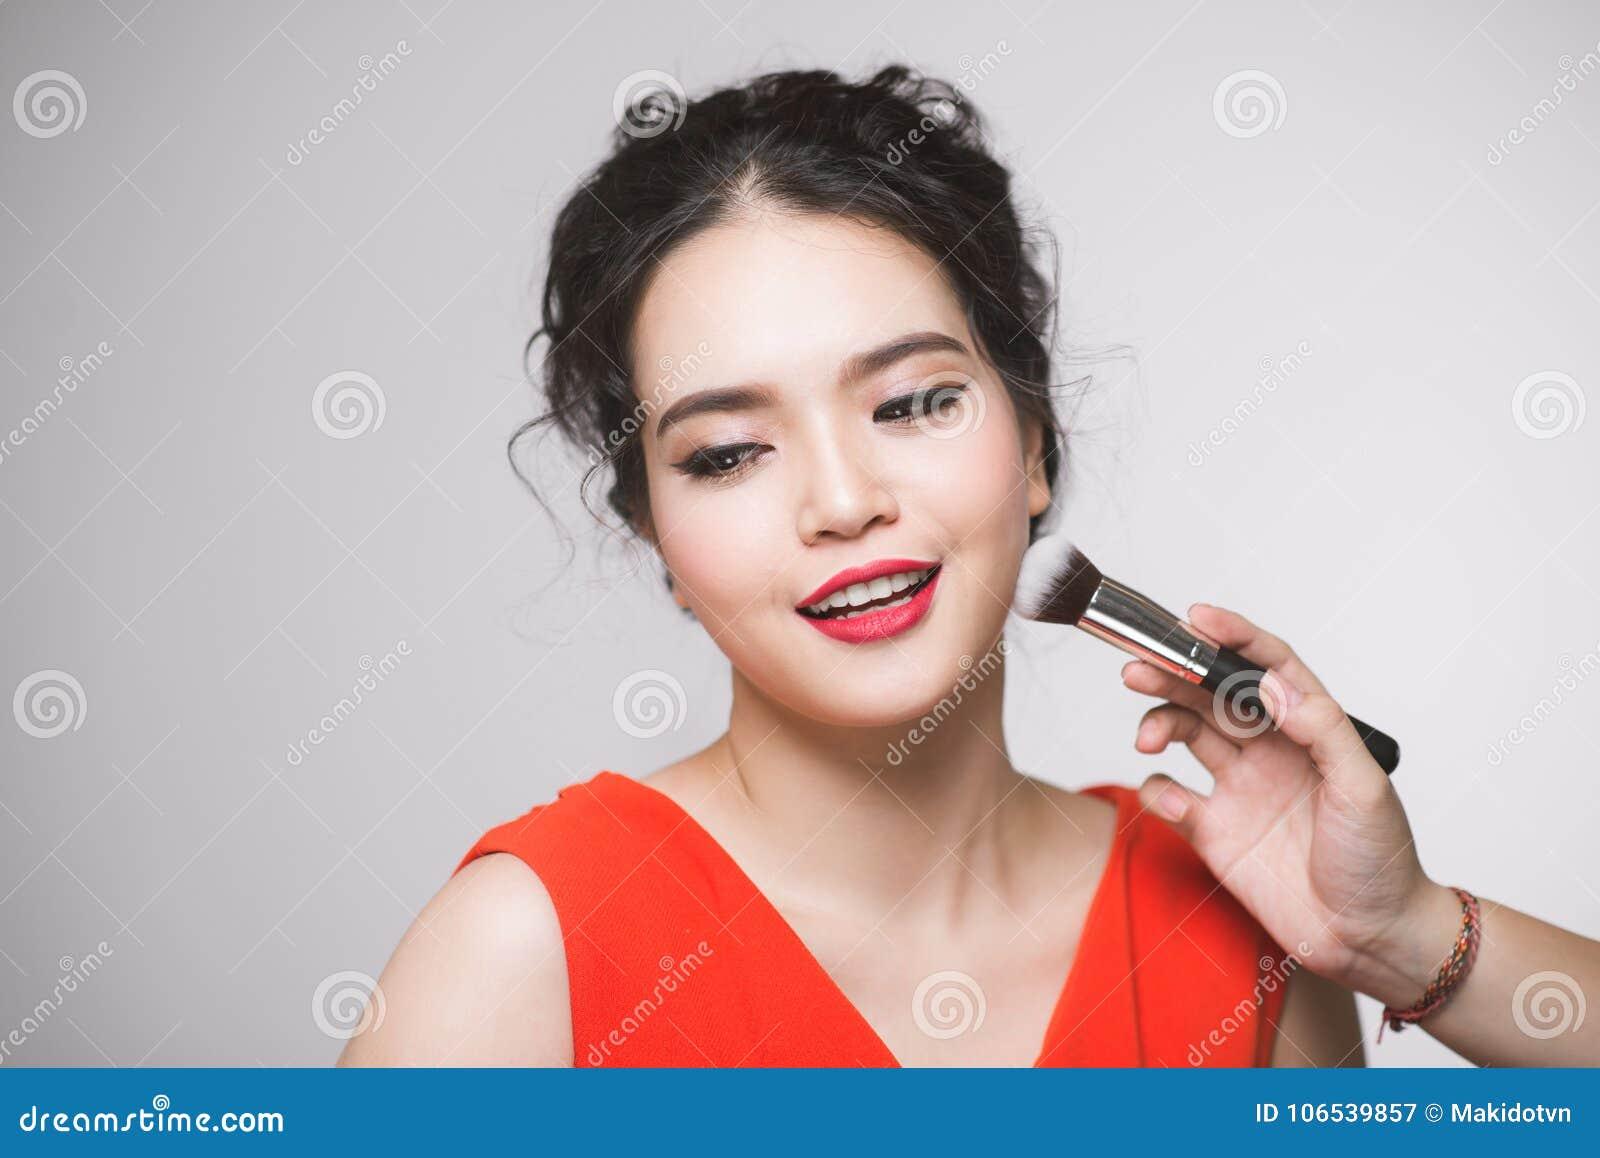 Asian young adult women photos